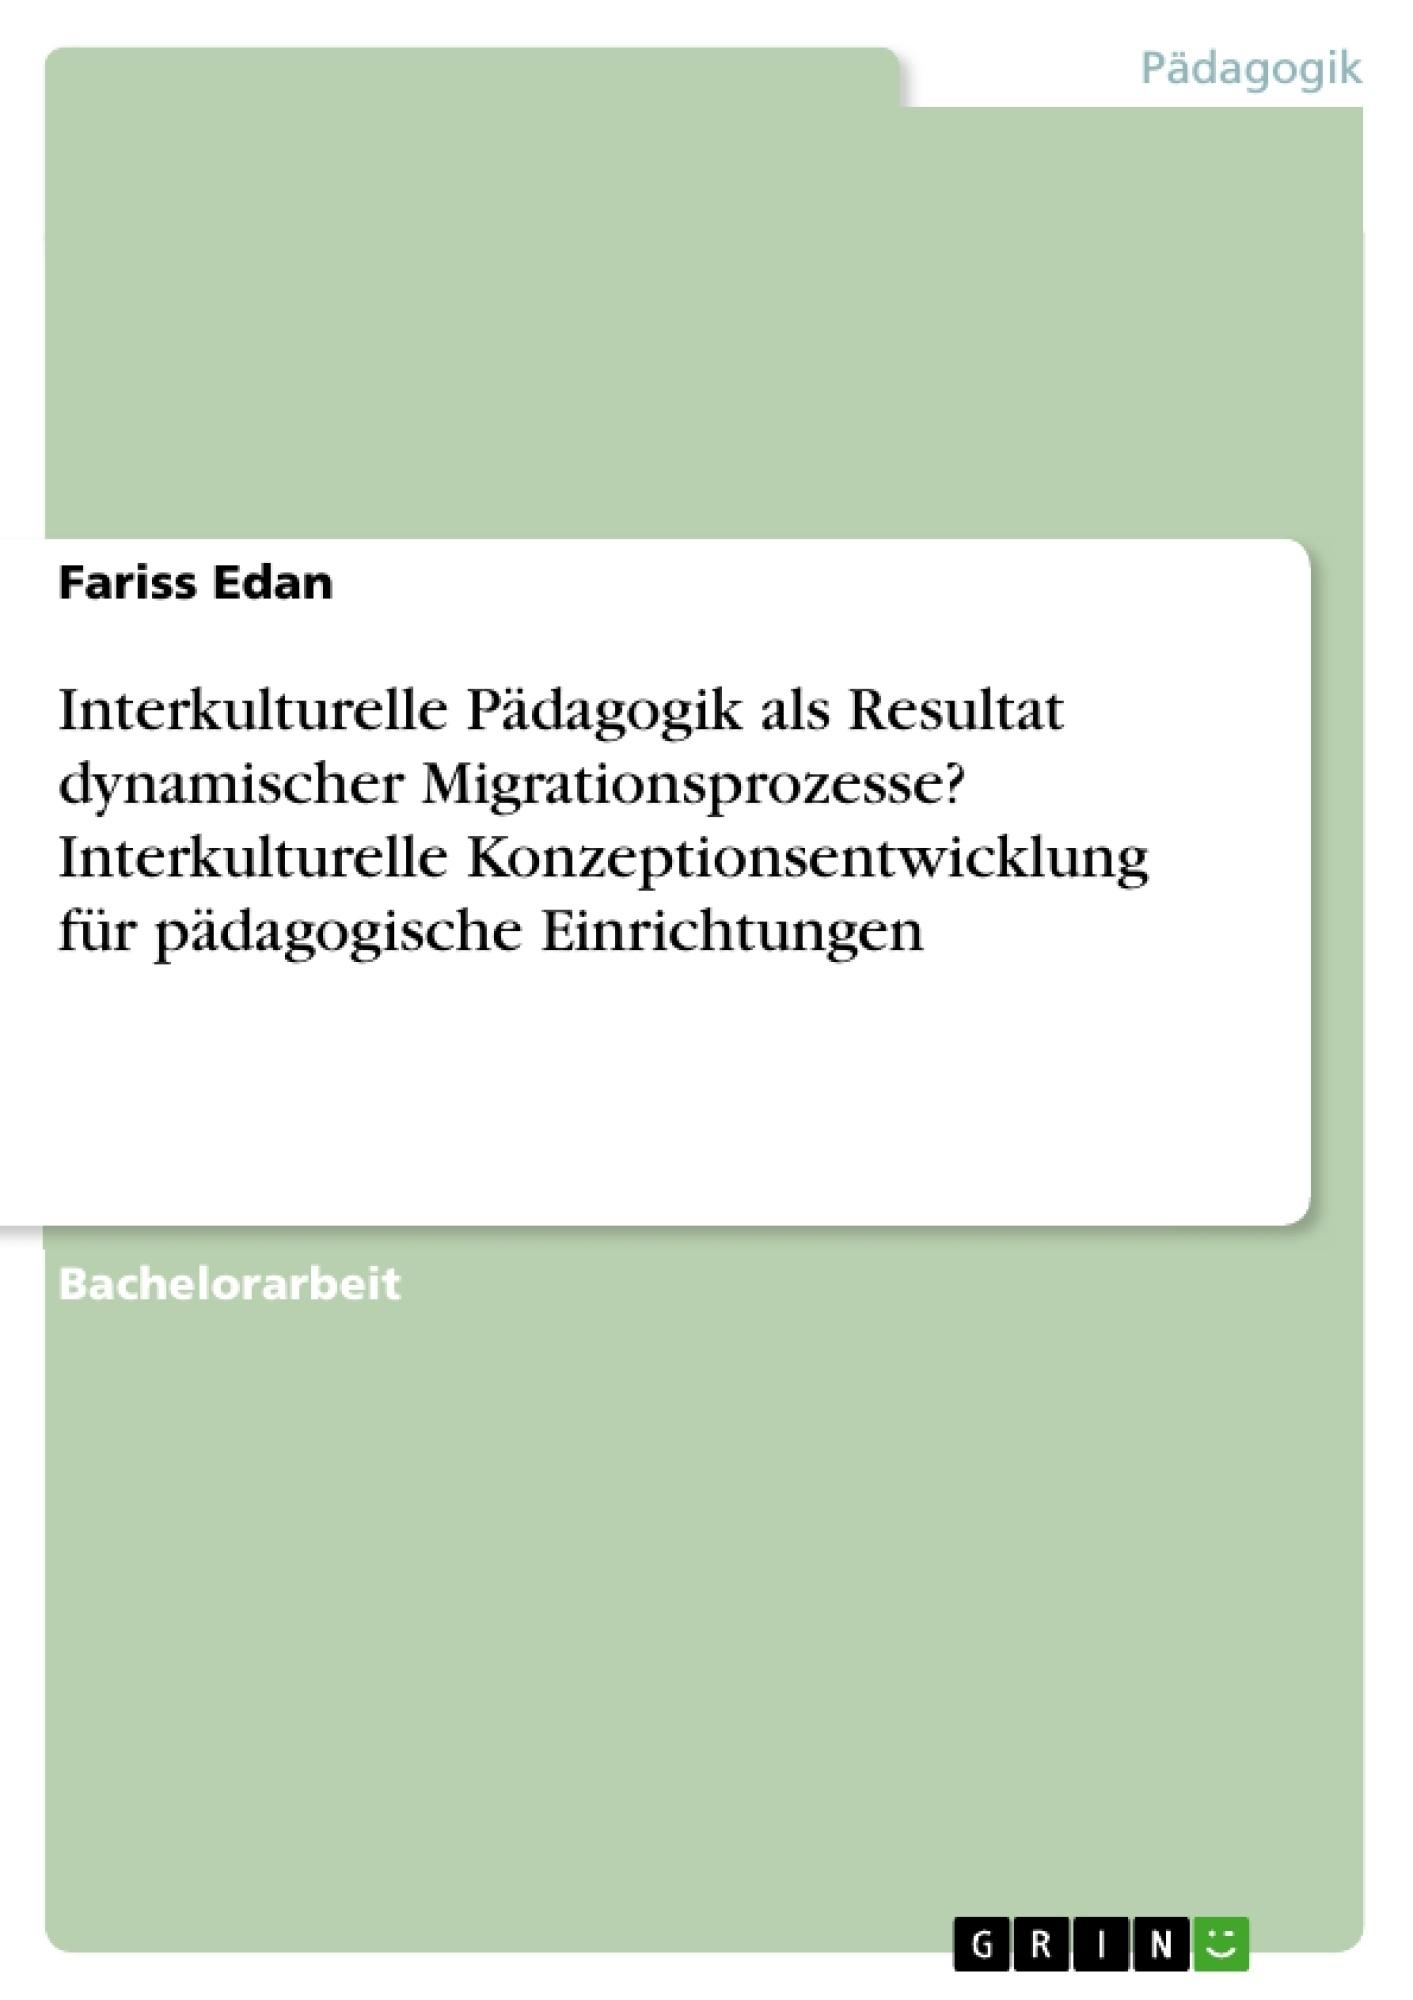 Titel: Interkulturelle Pädagogik als Resultat dynamischer Migrationsprozesse? Interkulturelle Konzeptionsentwicklung für pädagogische Einrichtungen